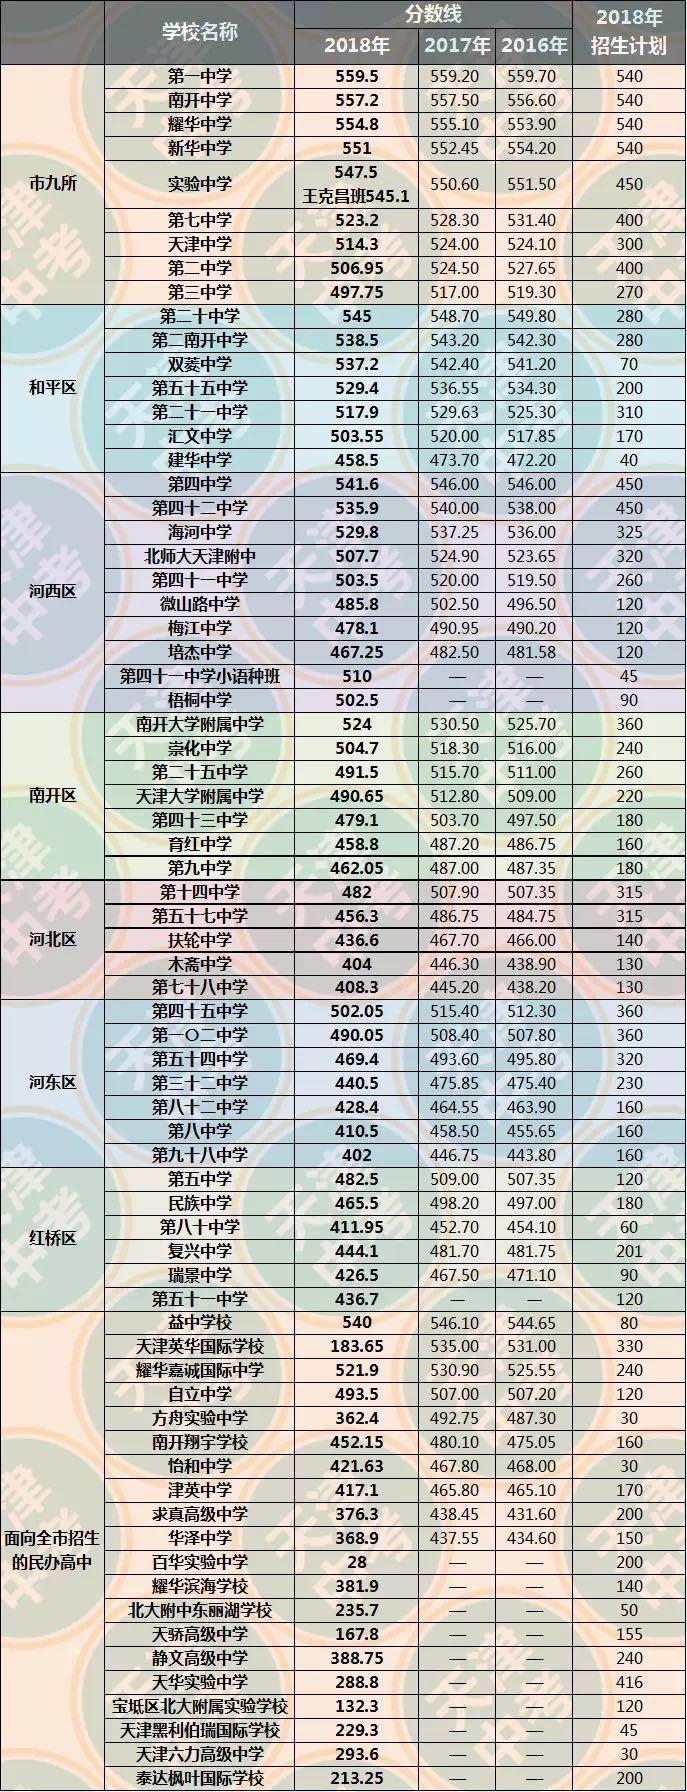 2018天津高中录取分数线及历年分数线对比——市内六区